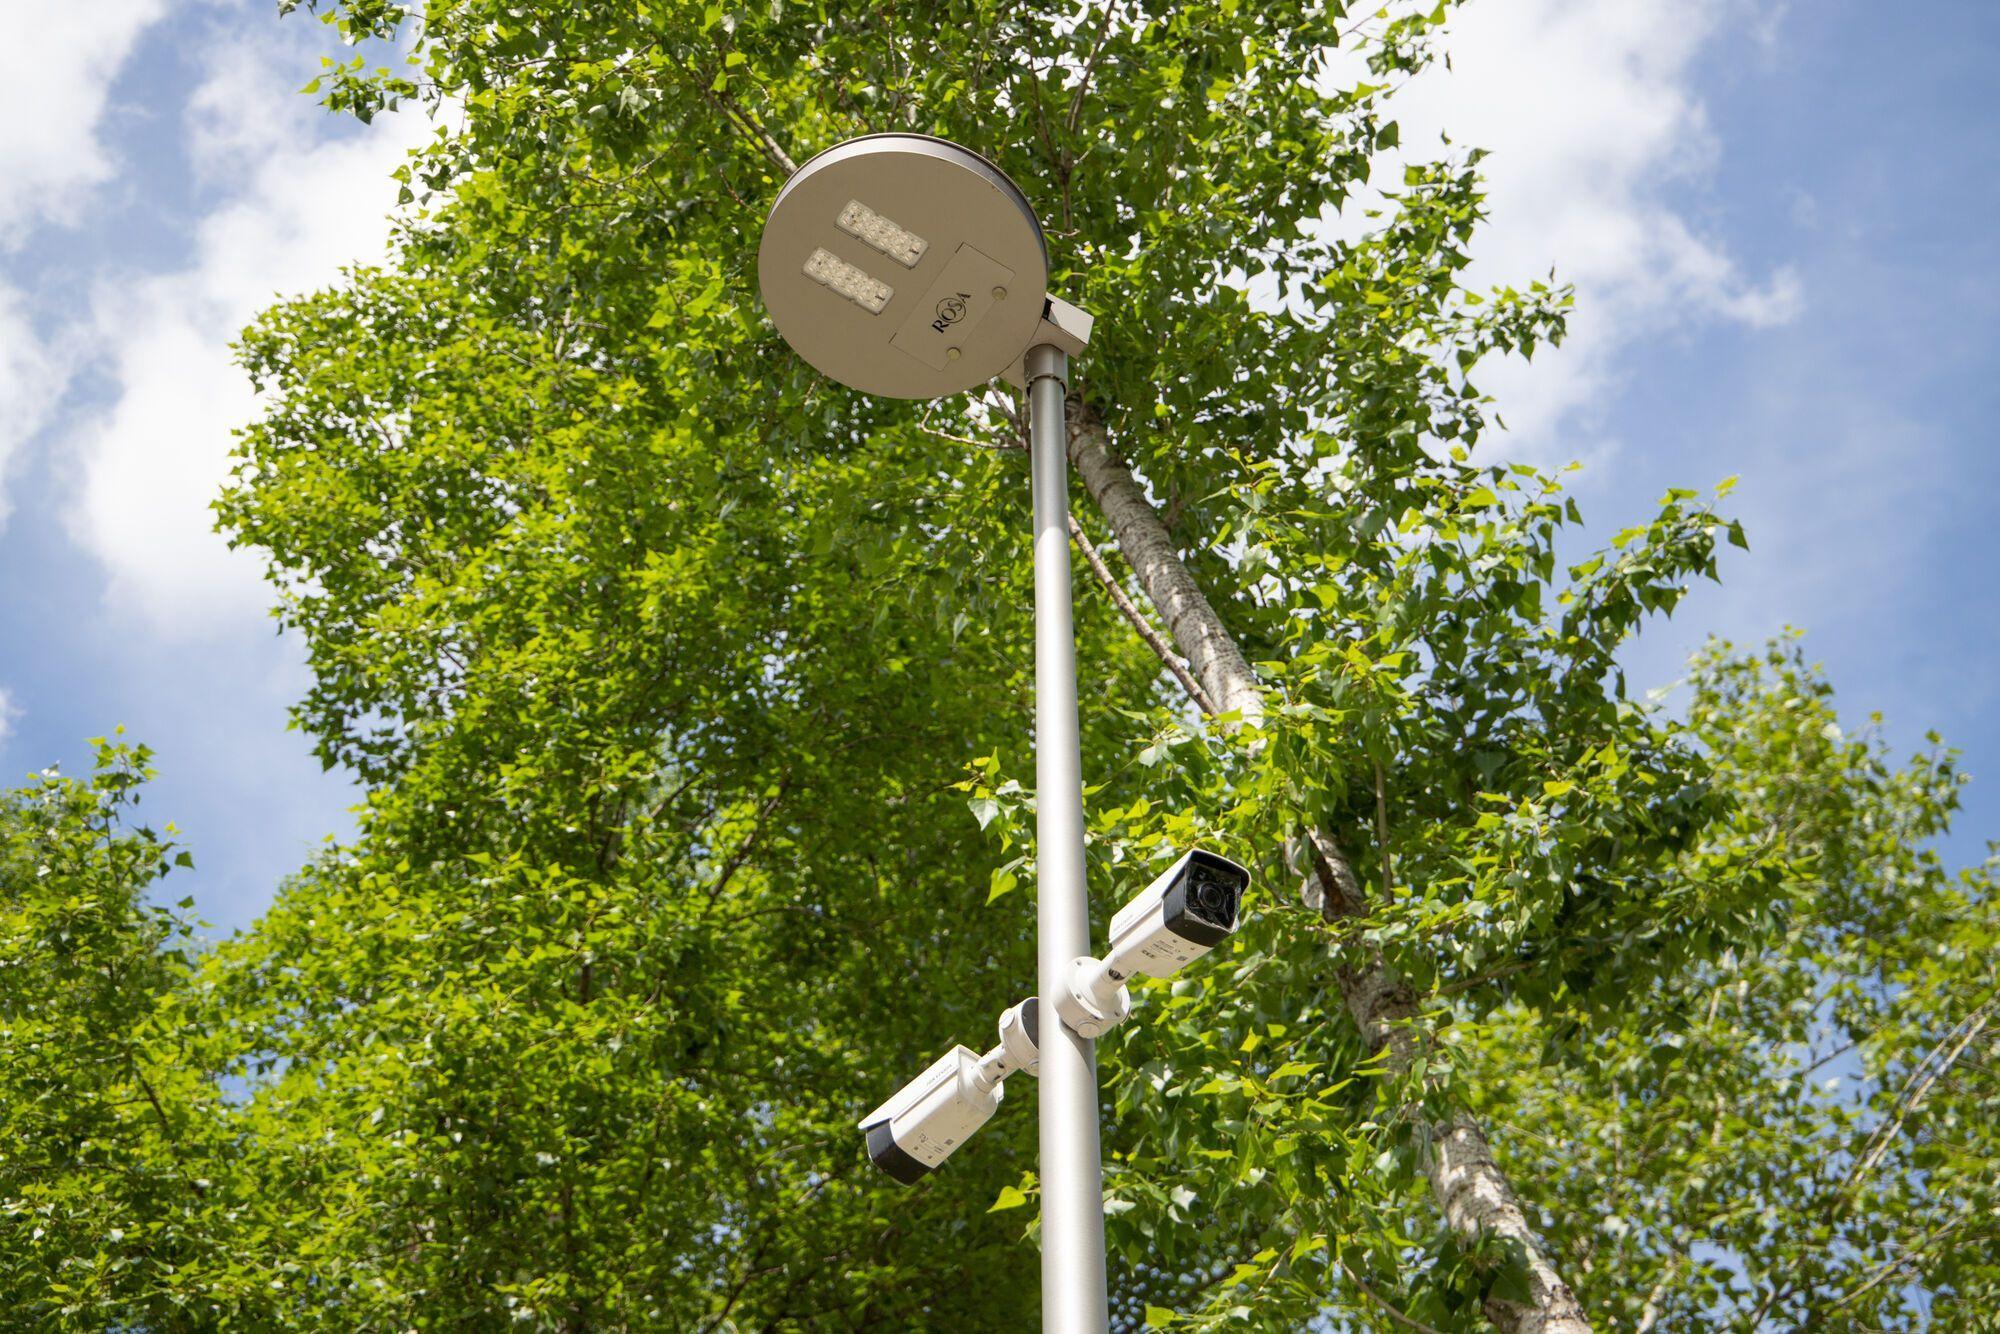 В парке установлено видеонаблюдение.